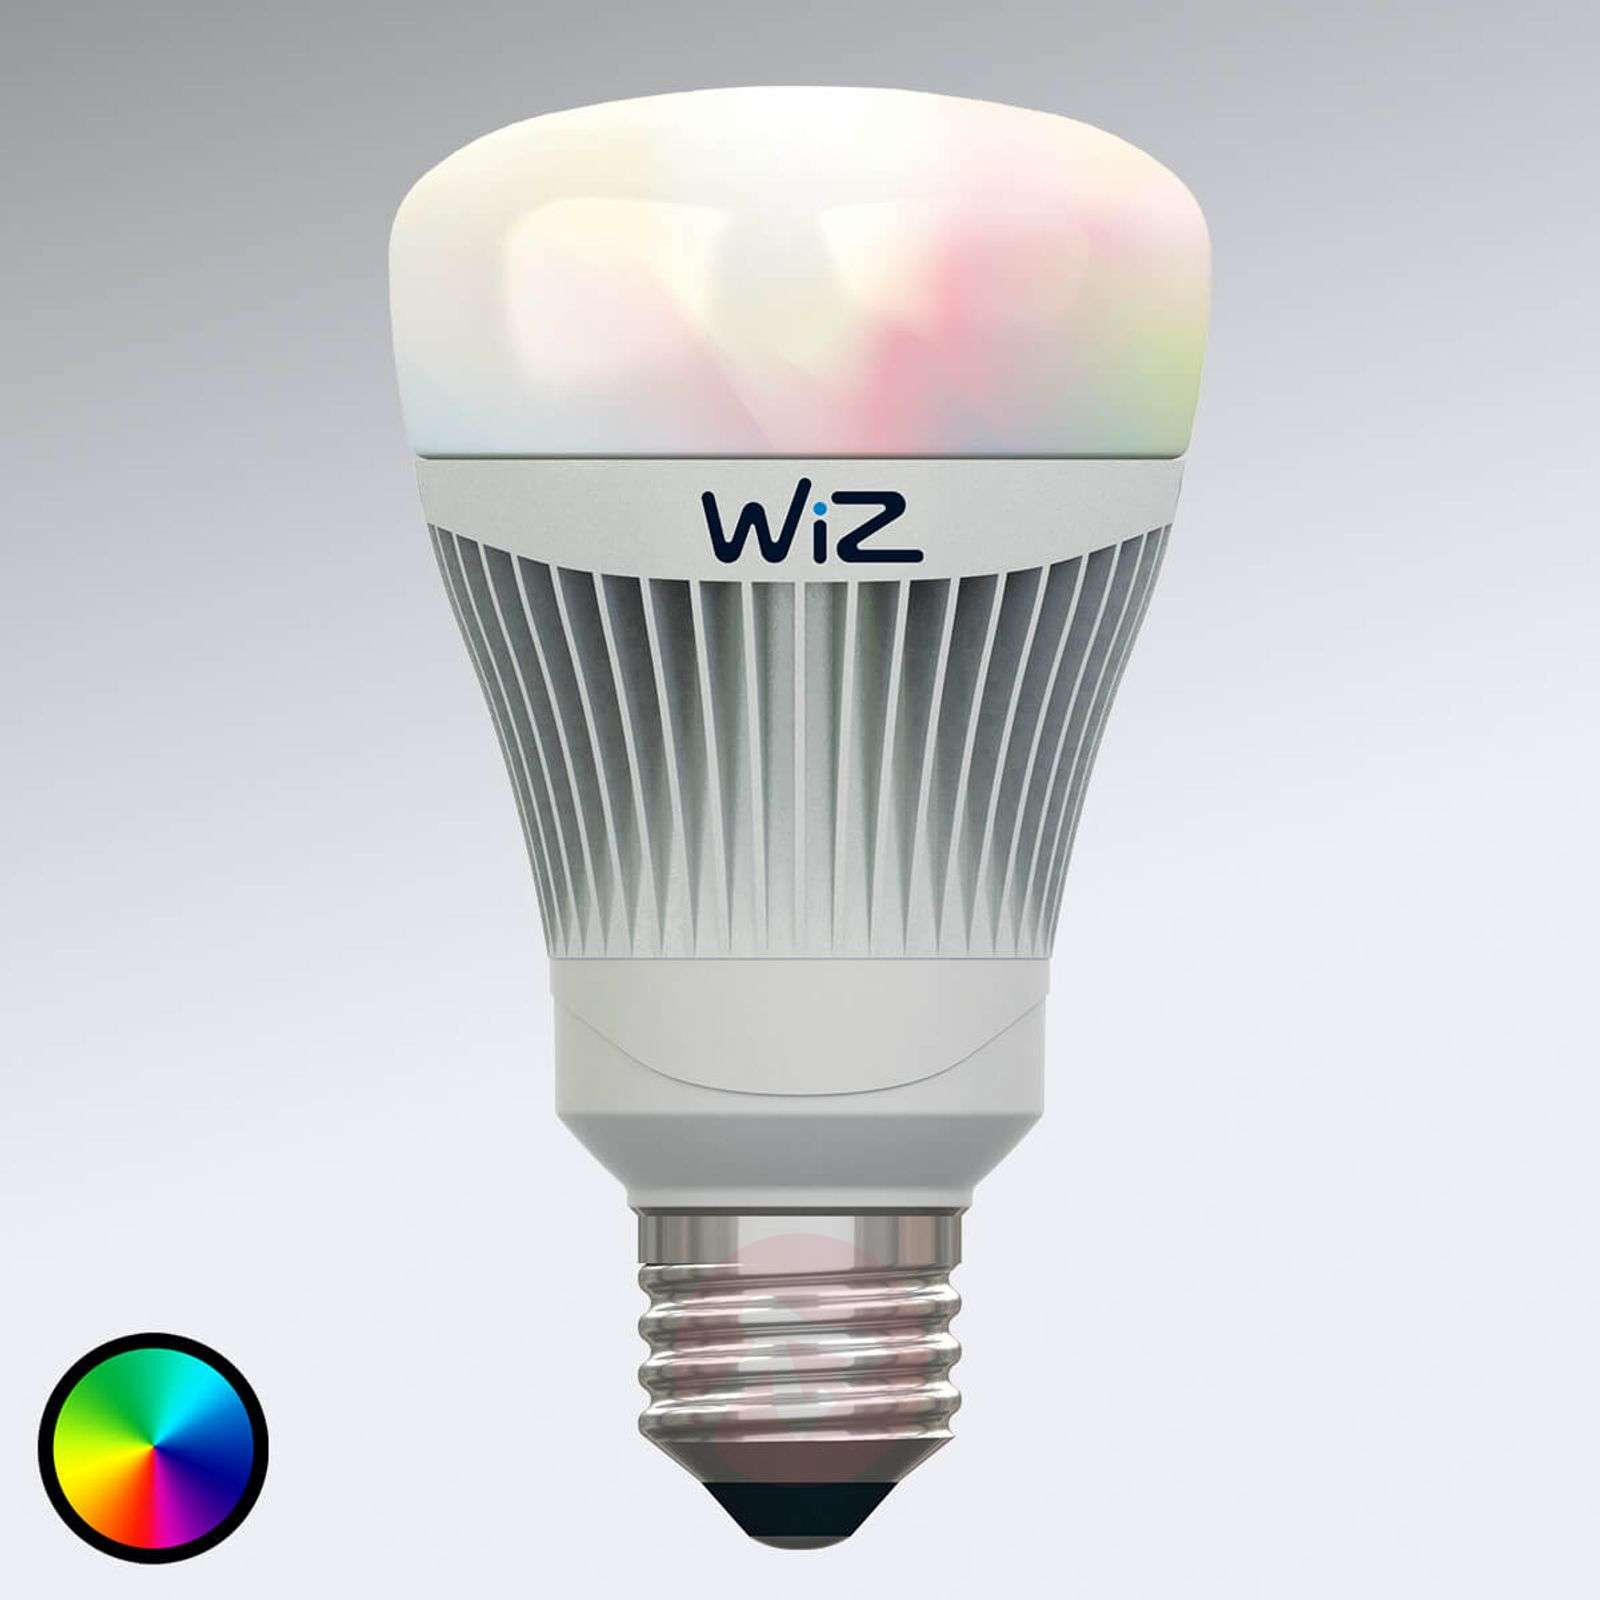 LED-lamppu E27 WiZ, ei kaukosäädintä, RGB + valk.-9038076-01